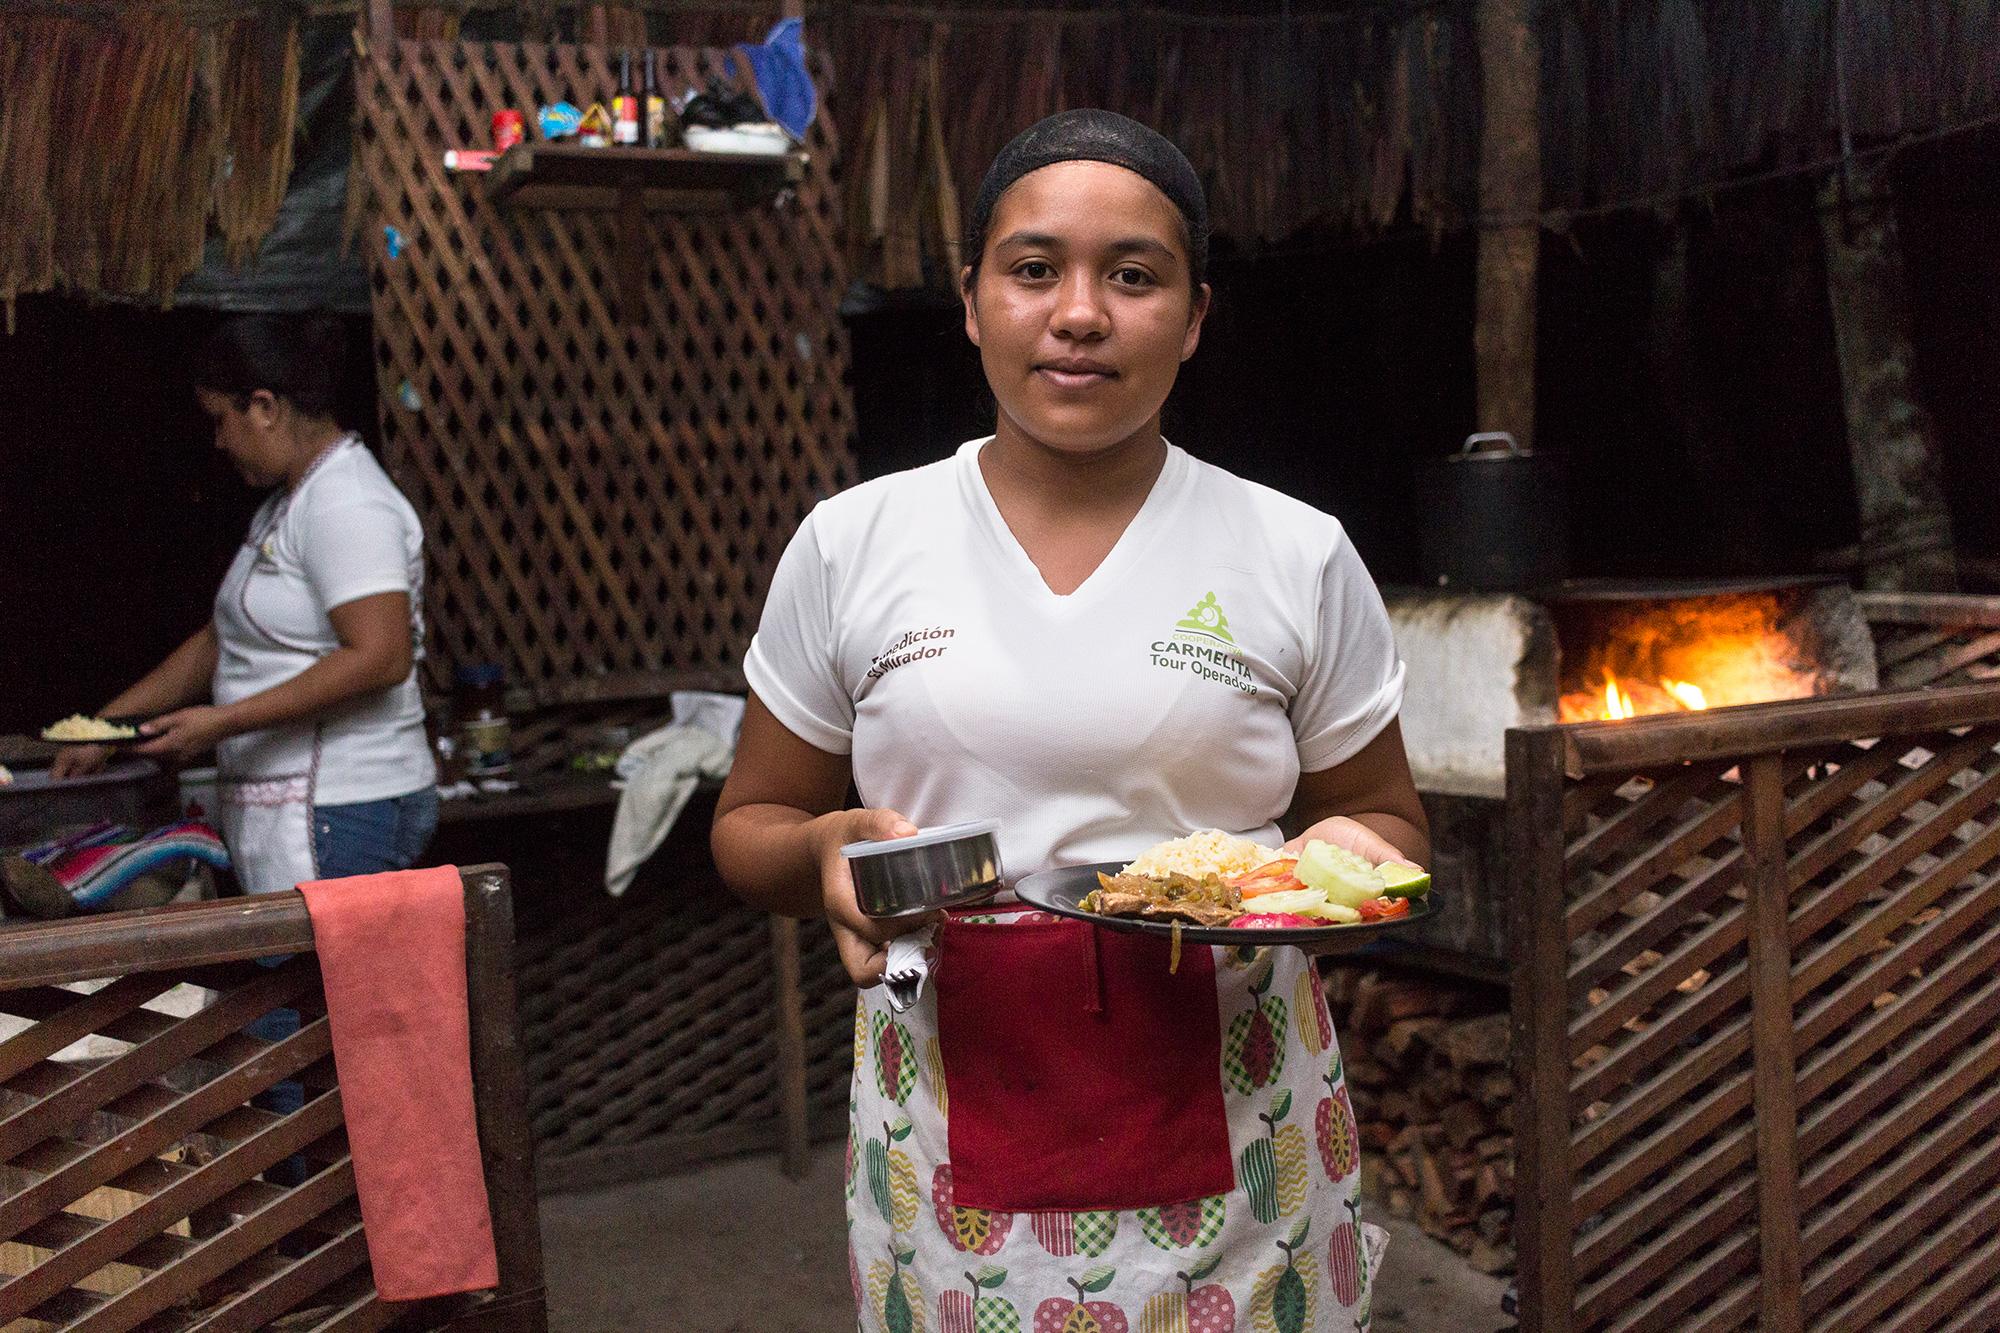 Cocinera Comunidad Carmelita